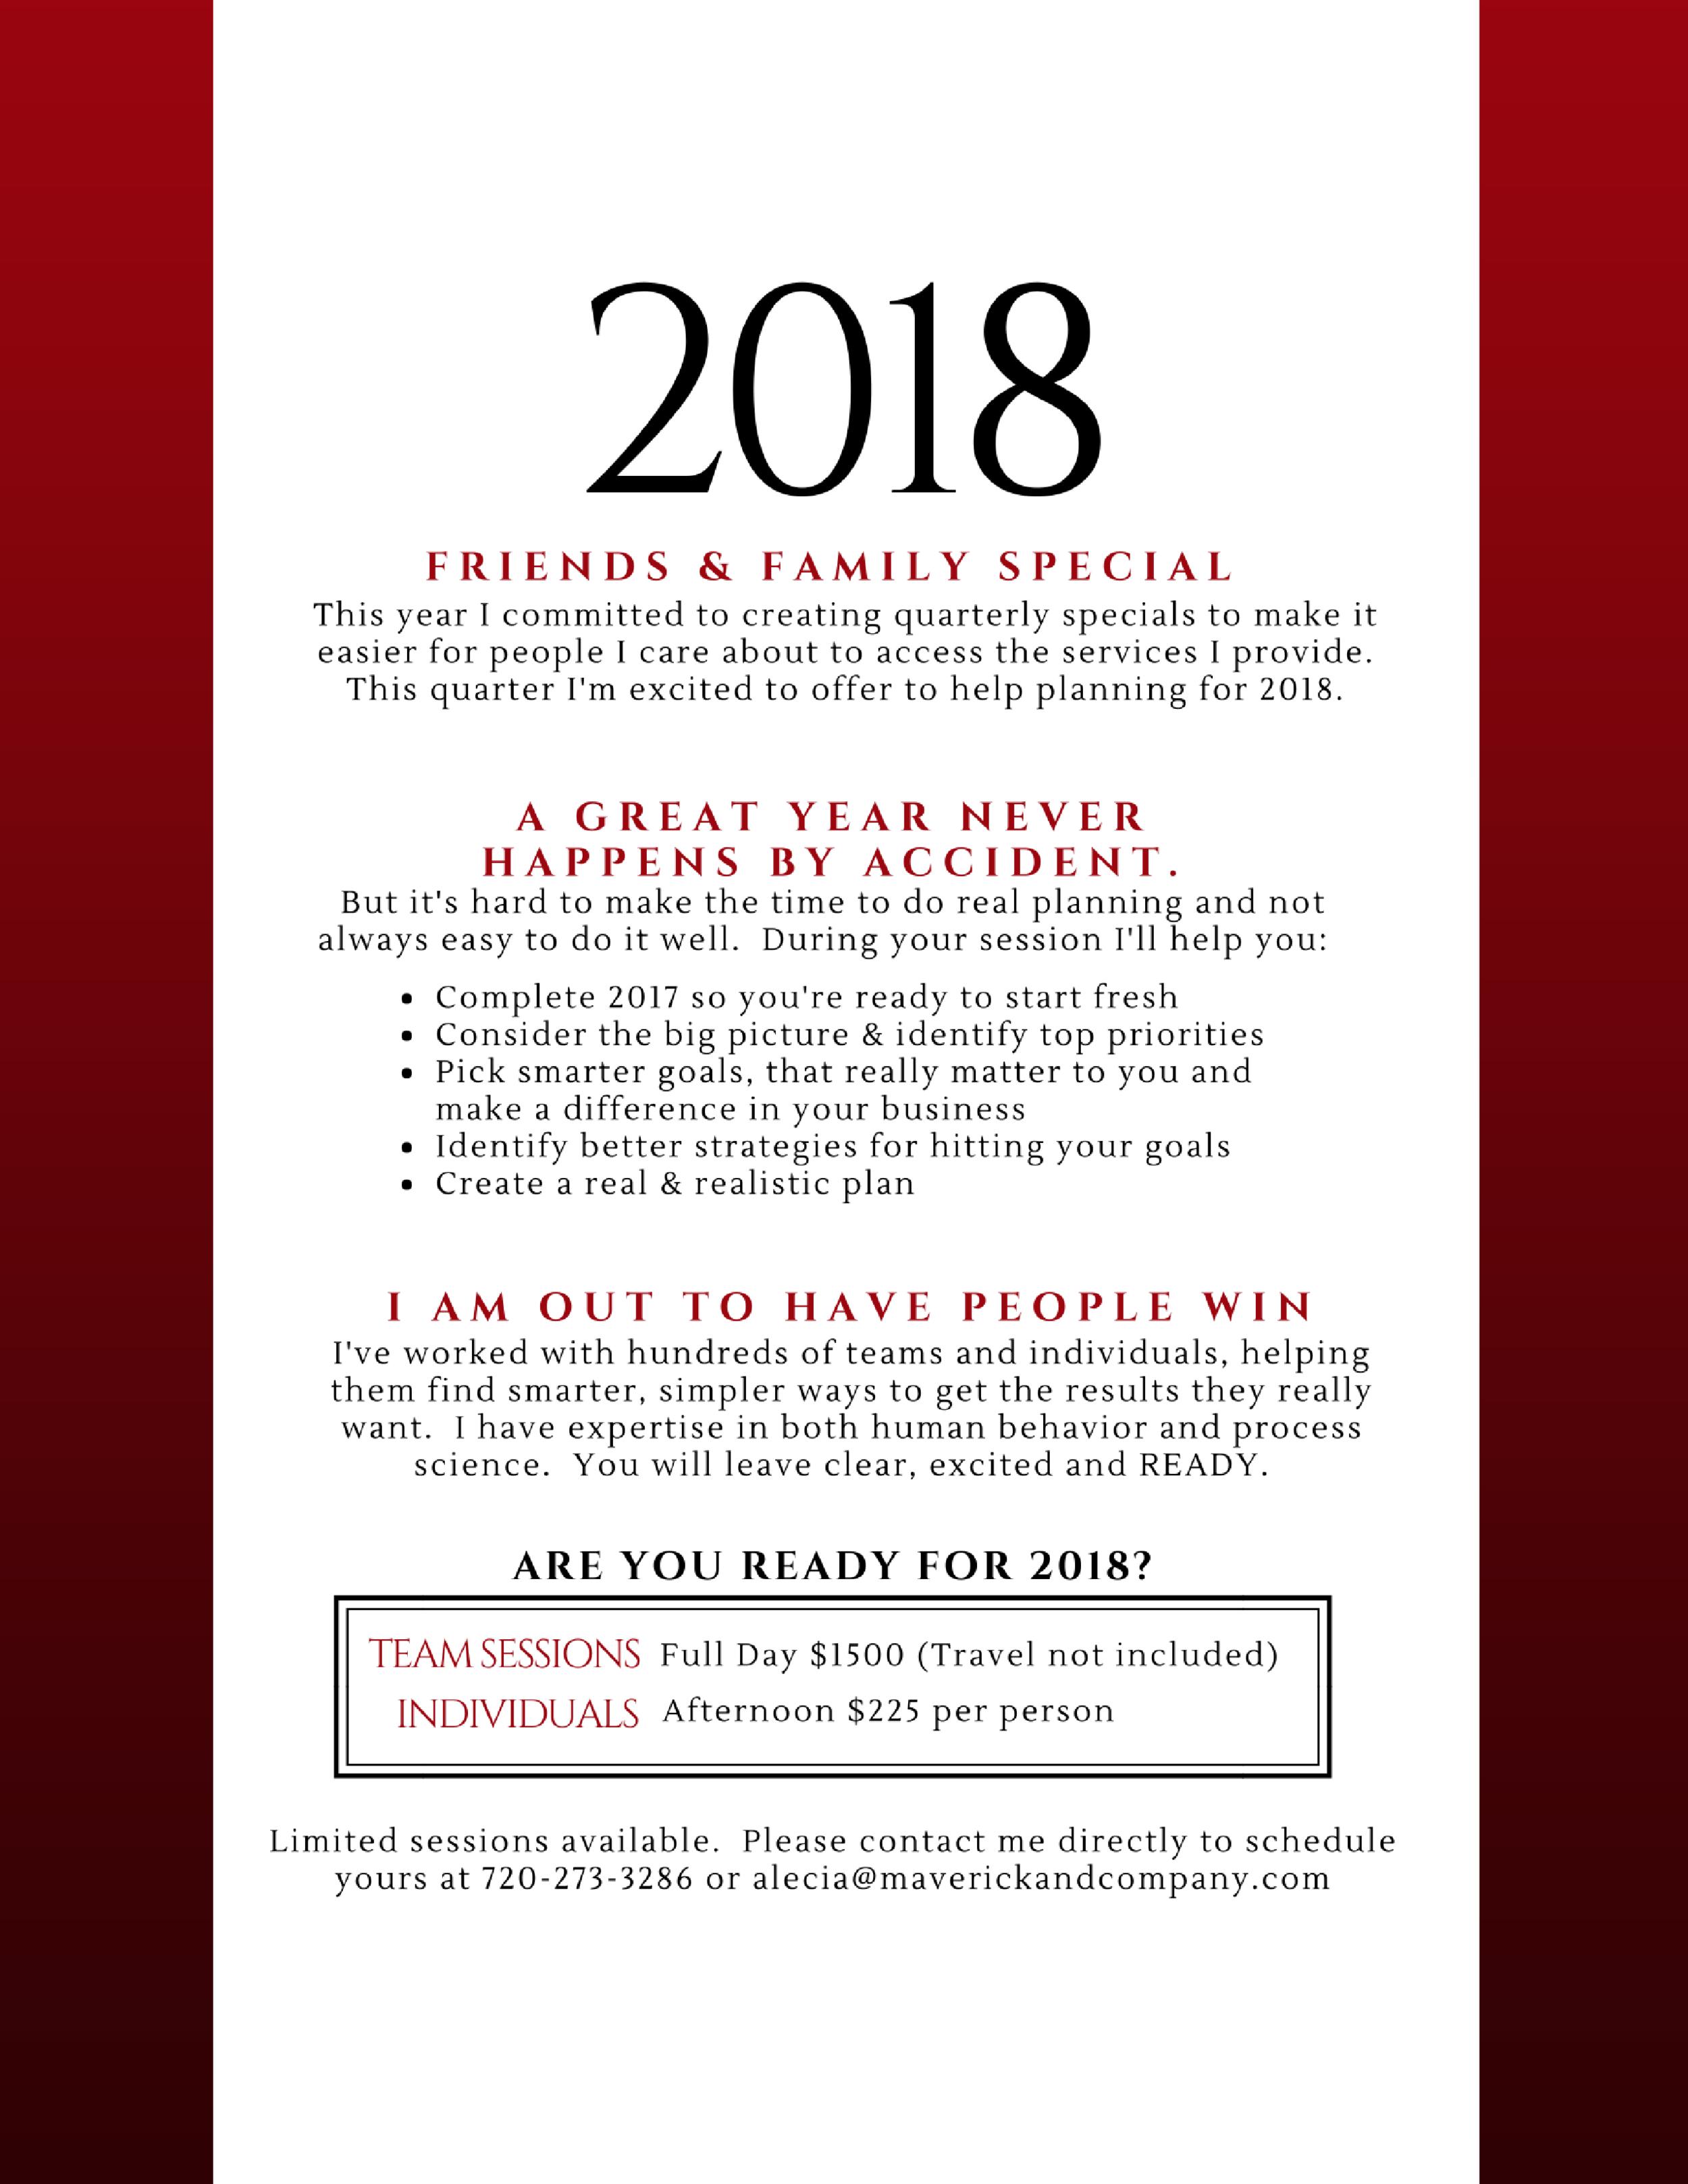 F&F 2018 long $250.png